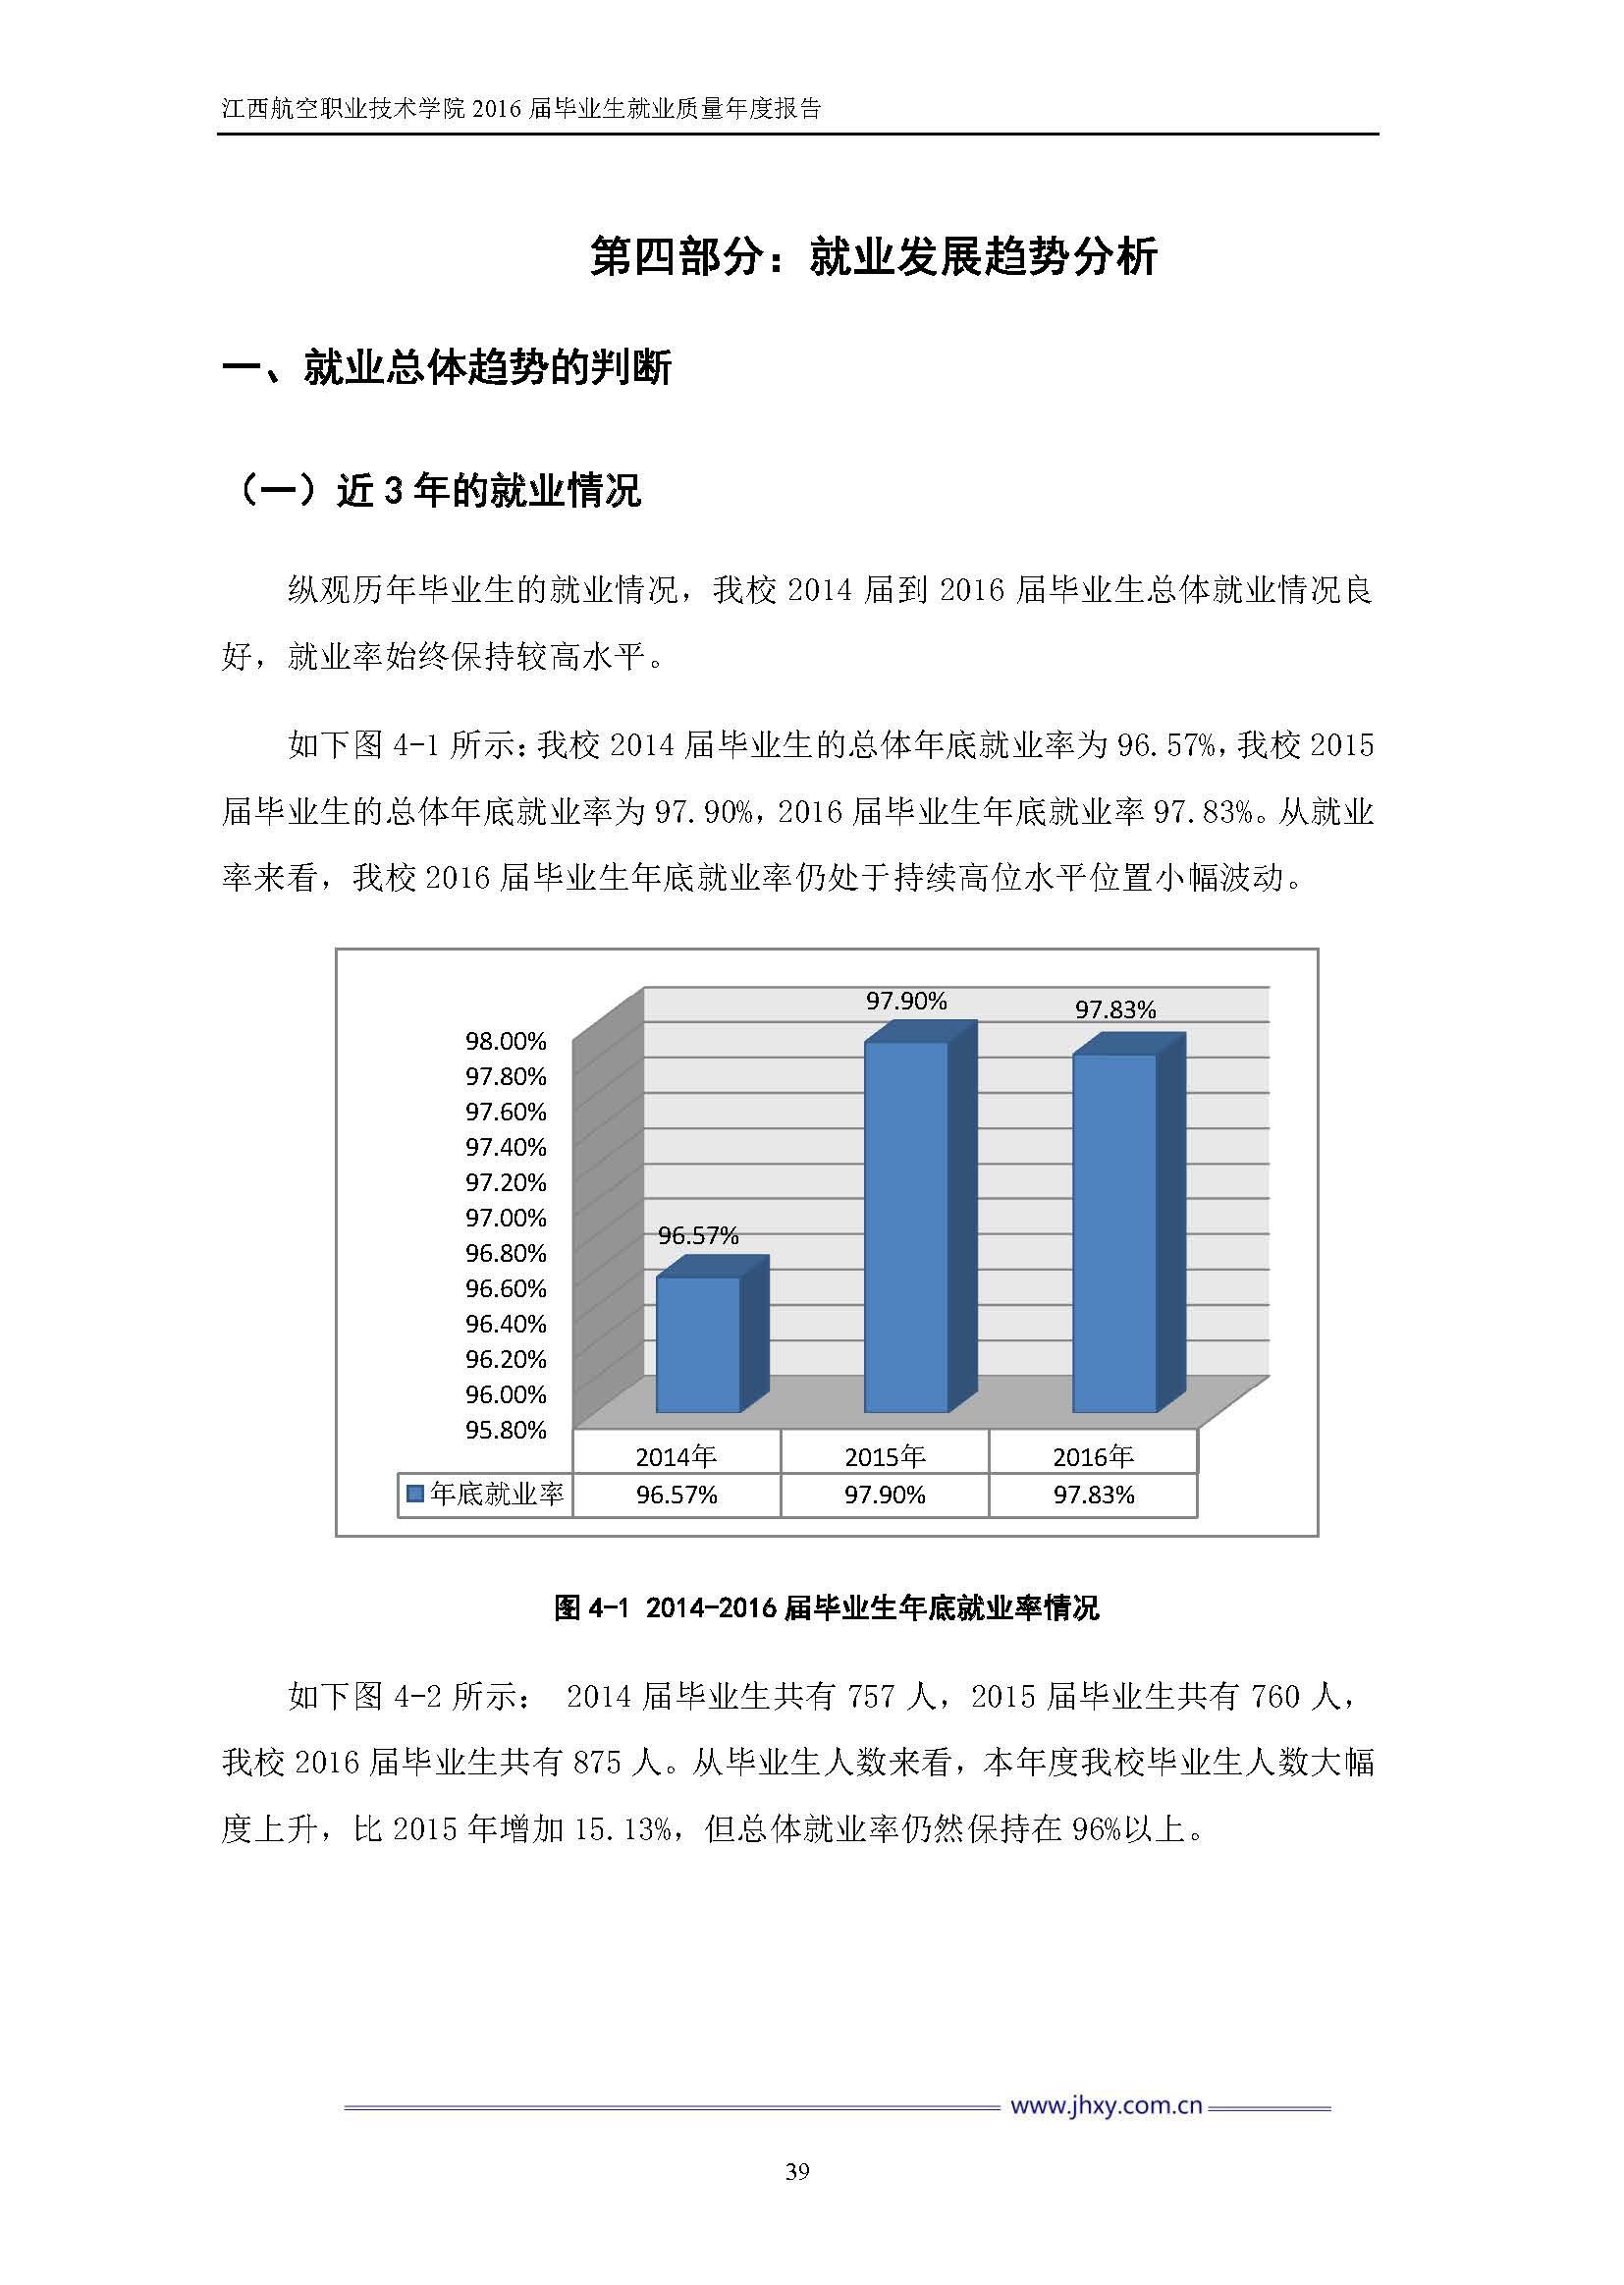 江西航空职业技术学院2016届毕业生就业质量年度报告_Page_46.jpg